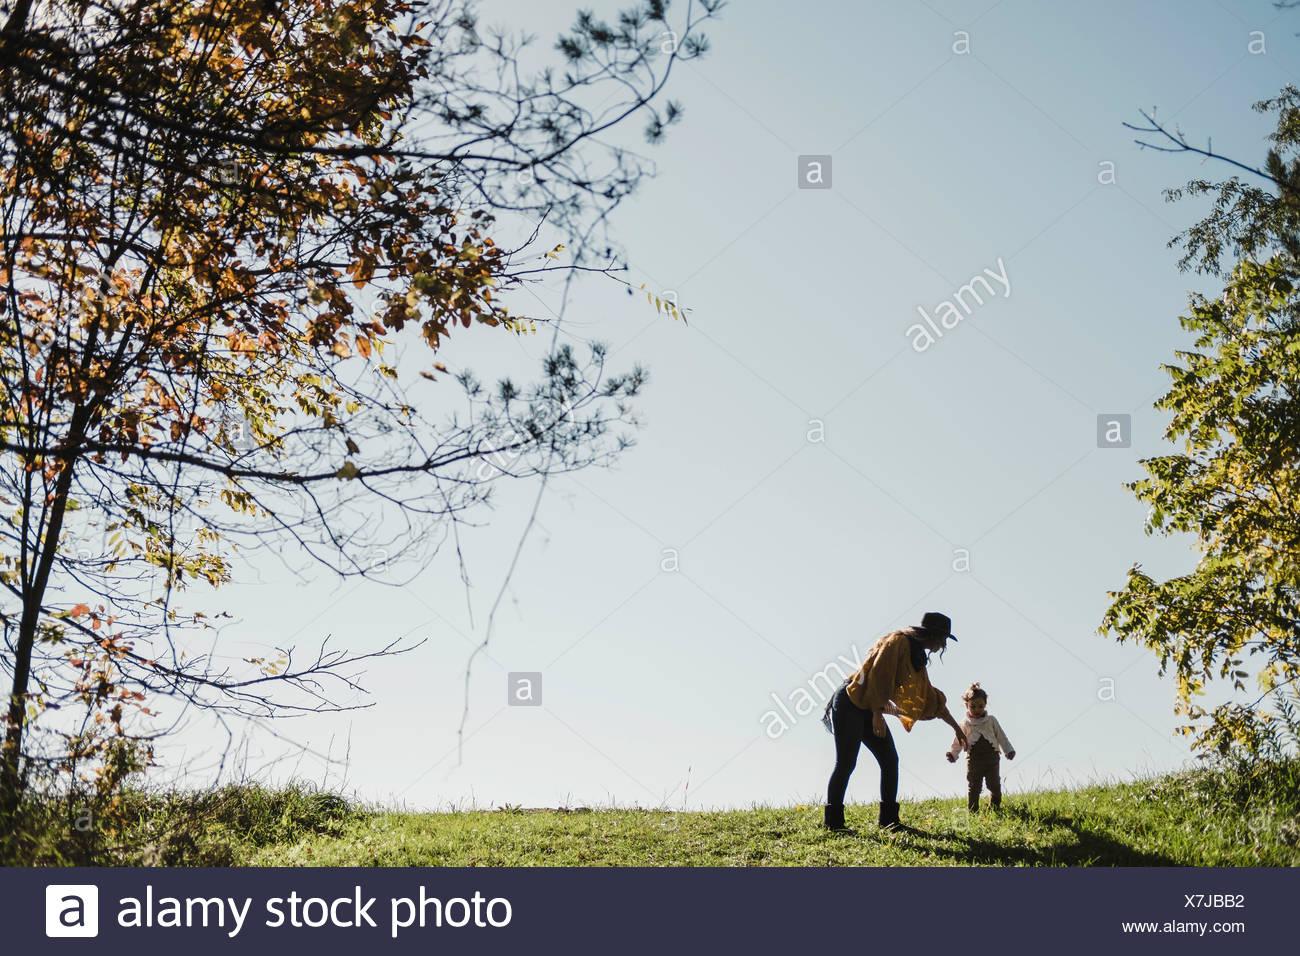 La madre e il bambino ragazza sulla collina, Oshawa, Canada, America del Nord Immagini Stock